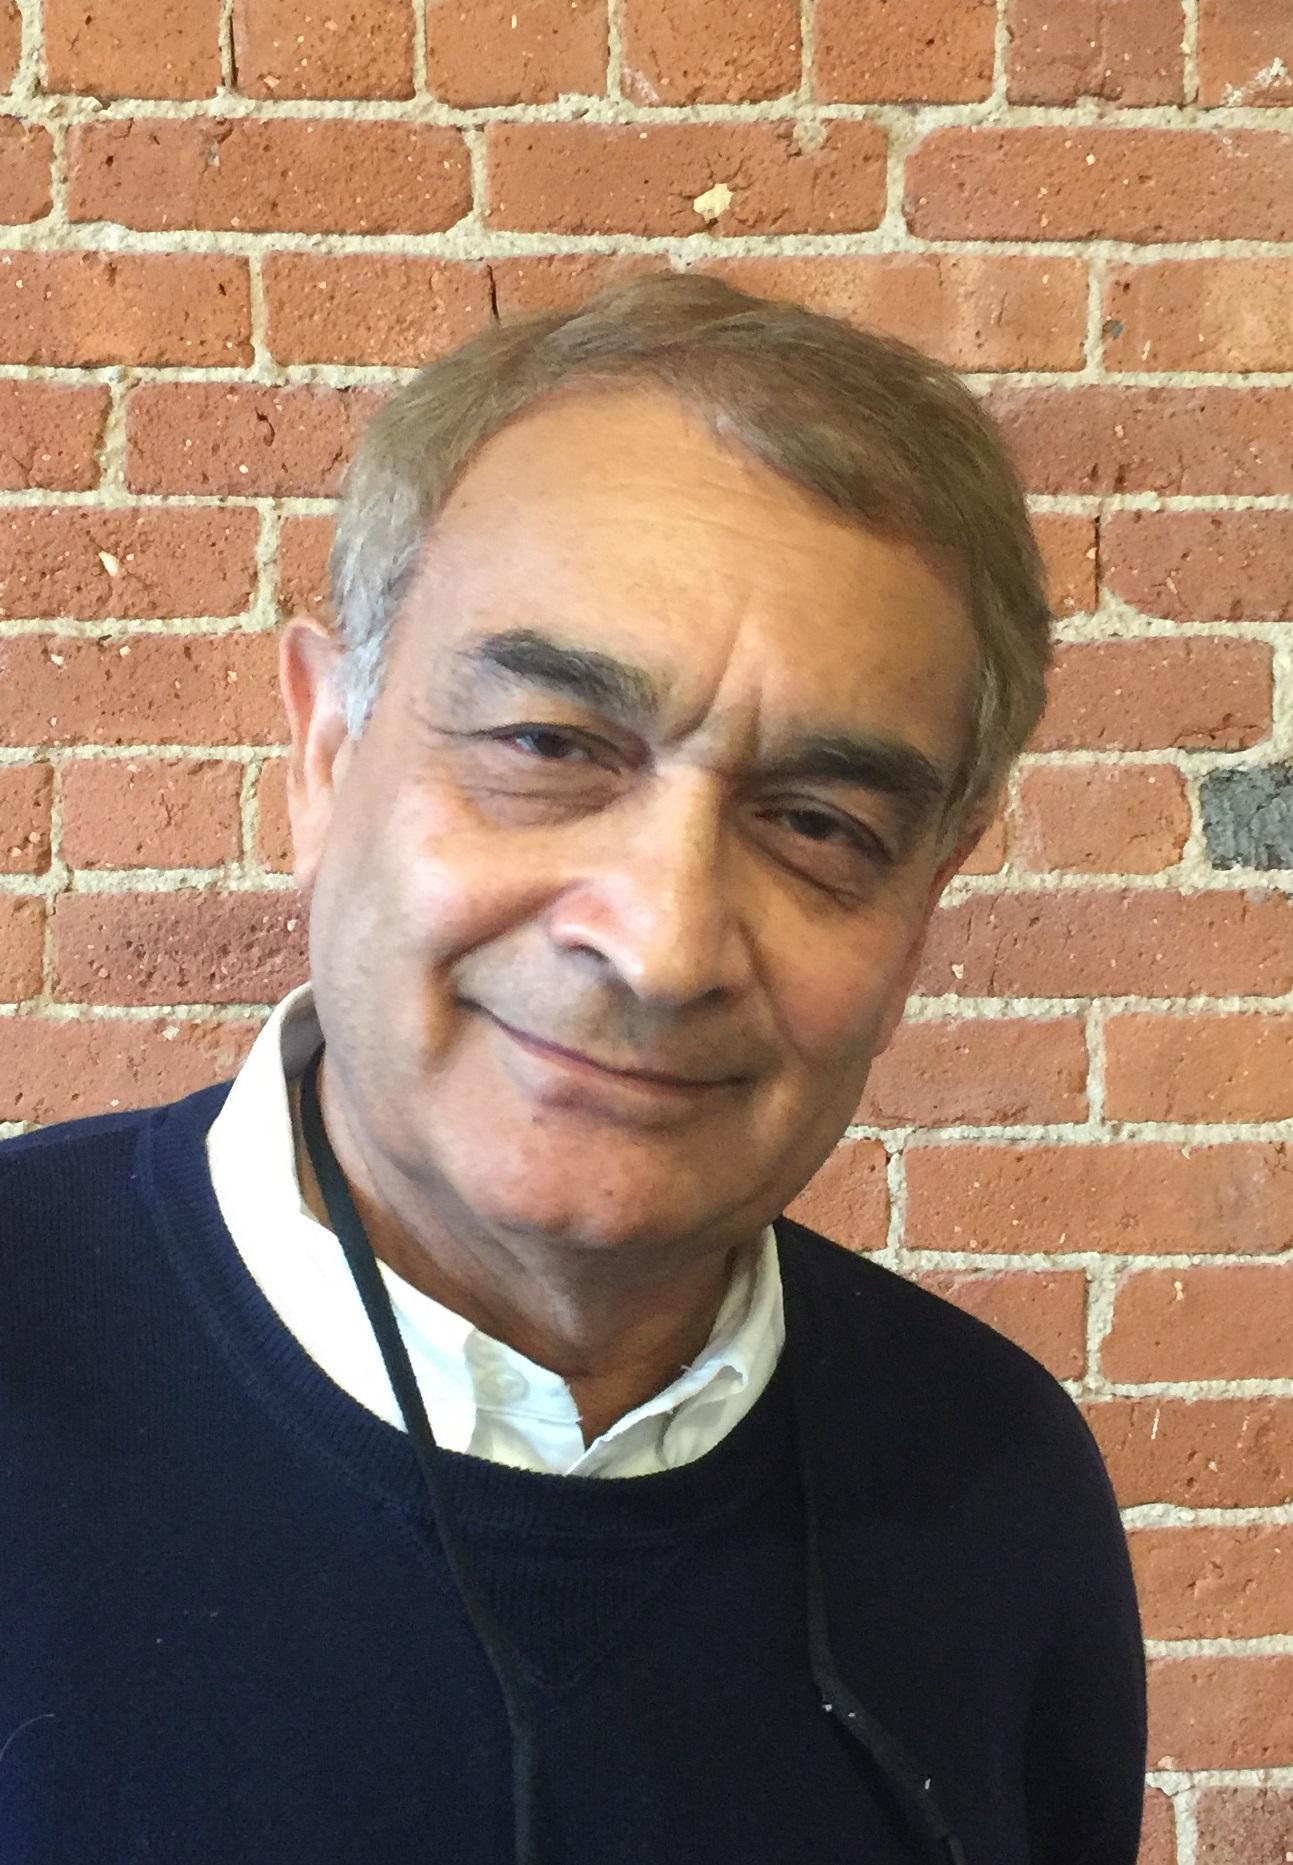 Syed Ahmed